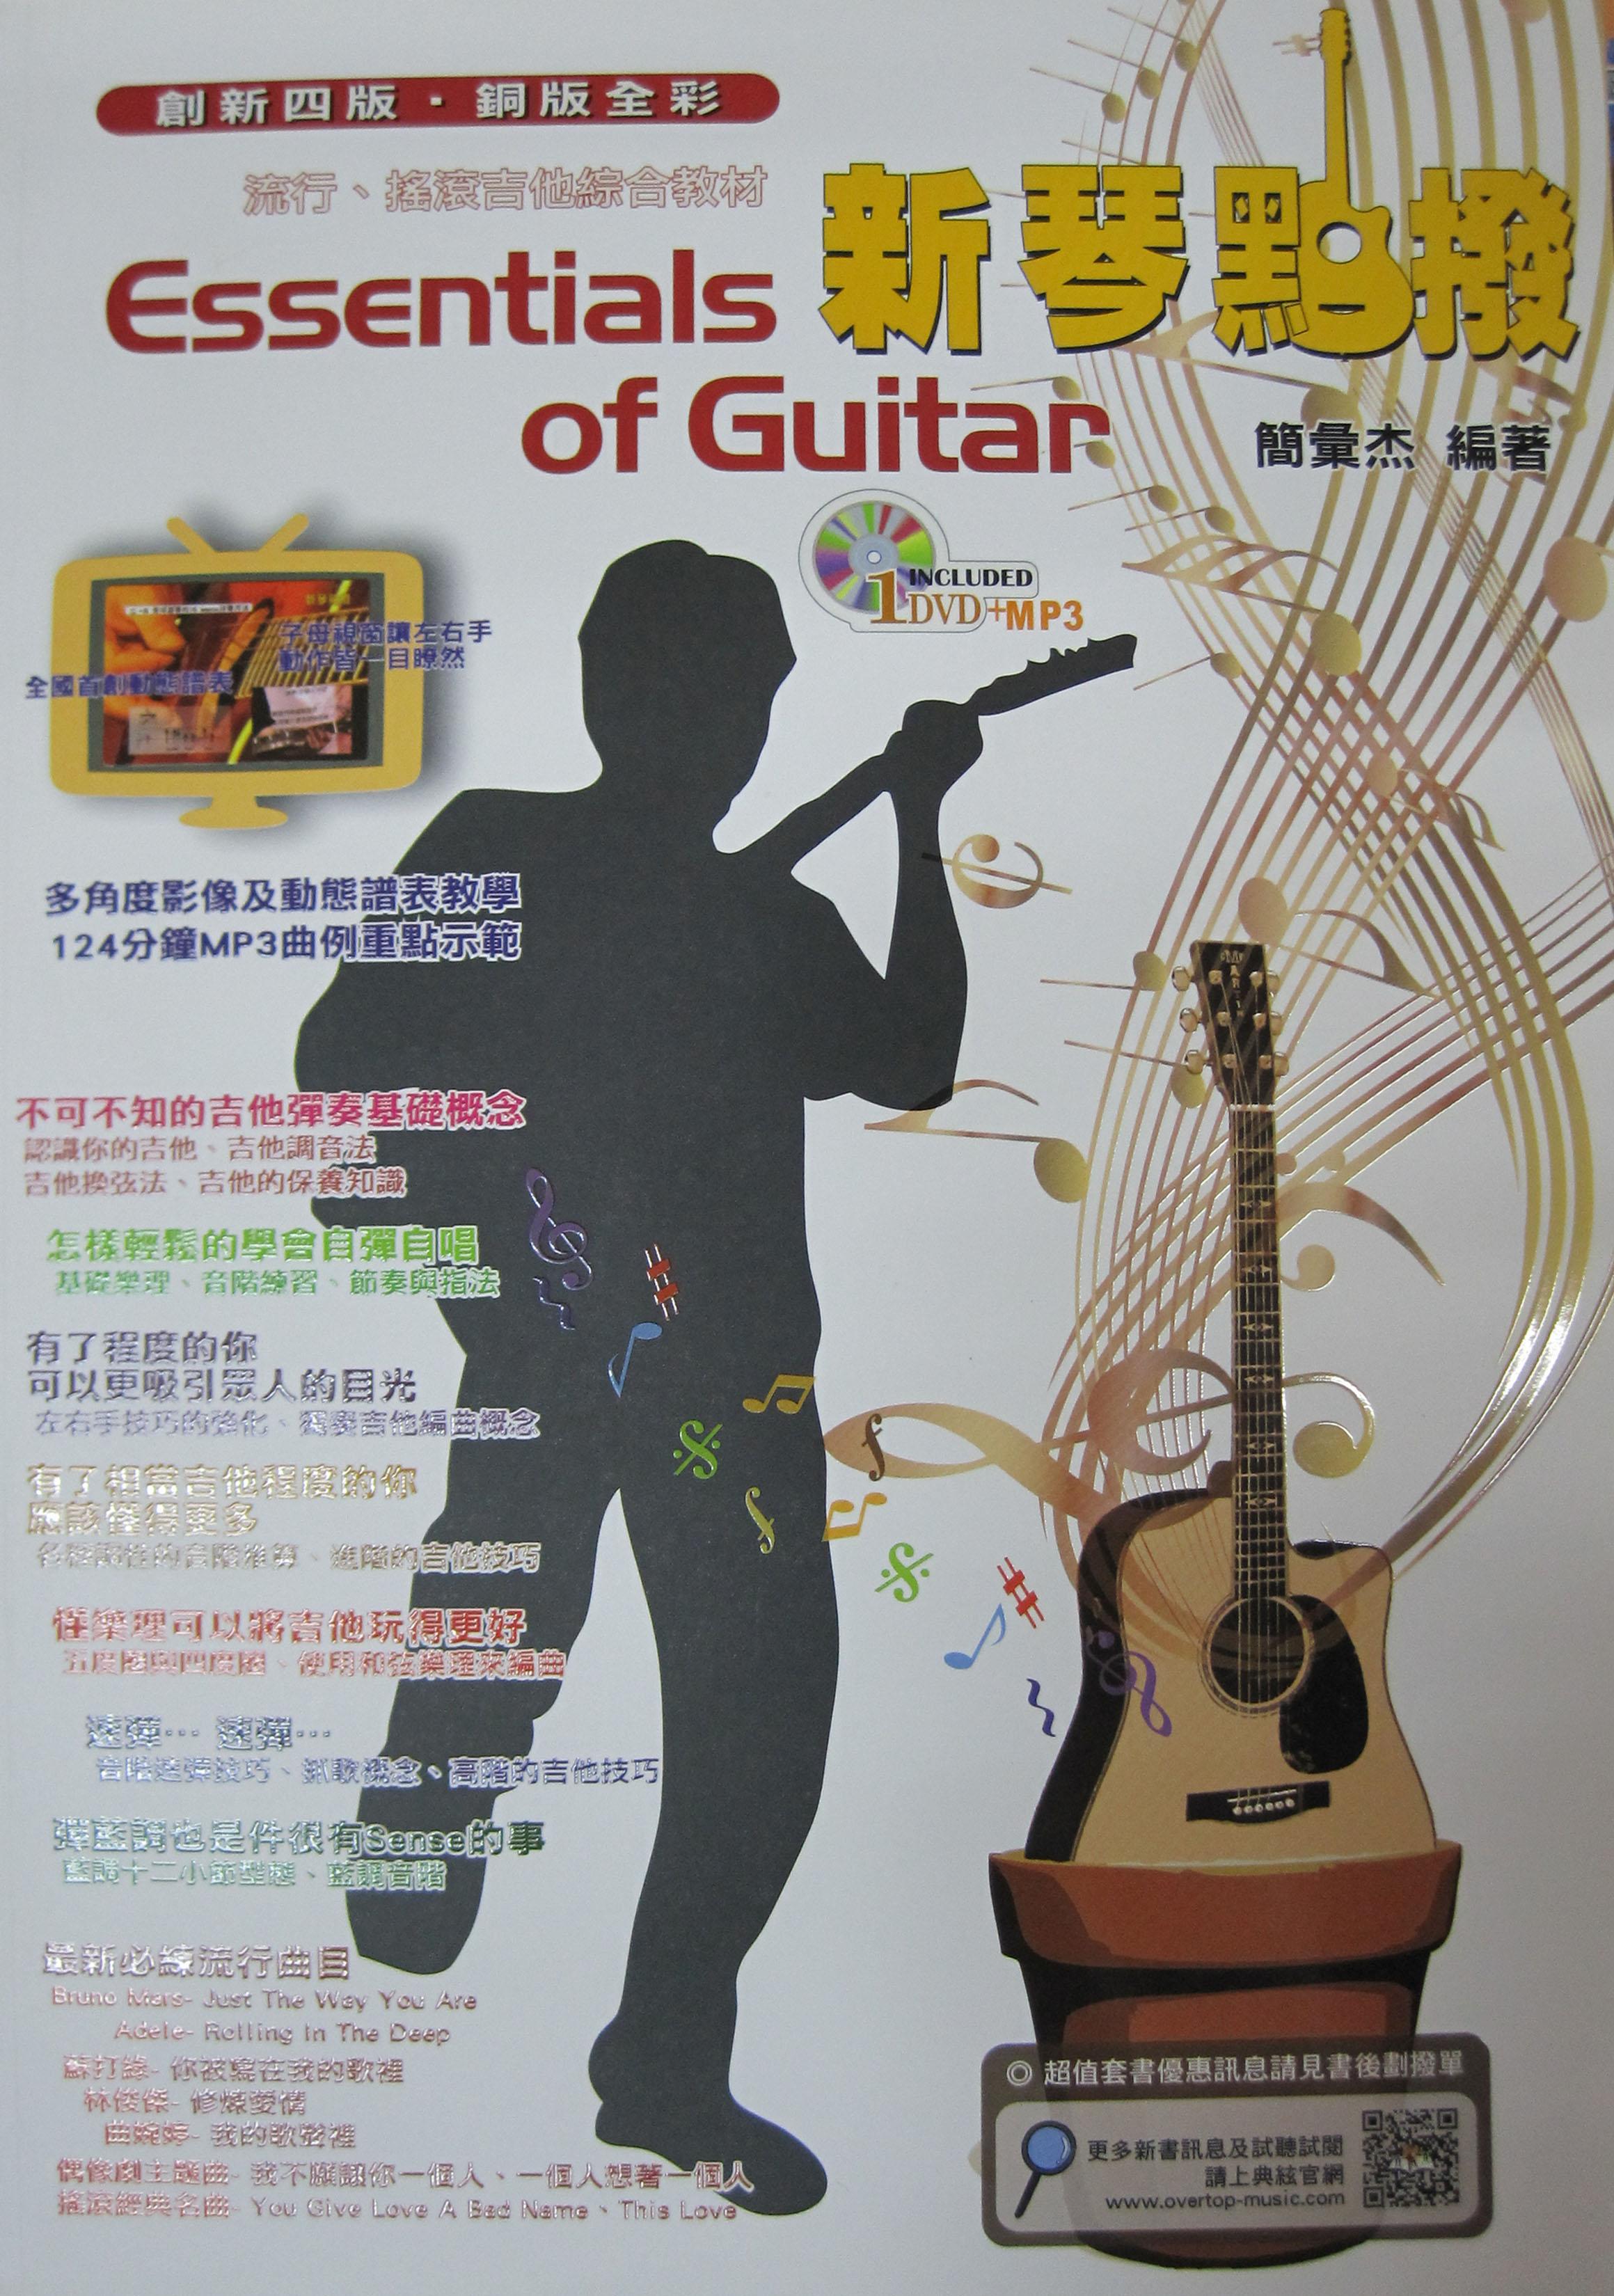 中和胡桃鉗樂器 新琴點播 吉他教材